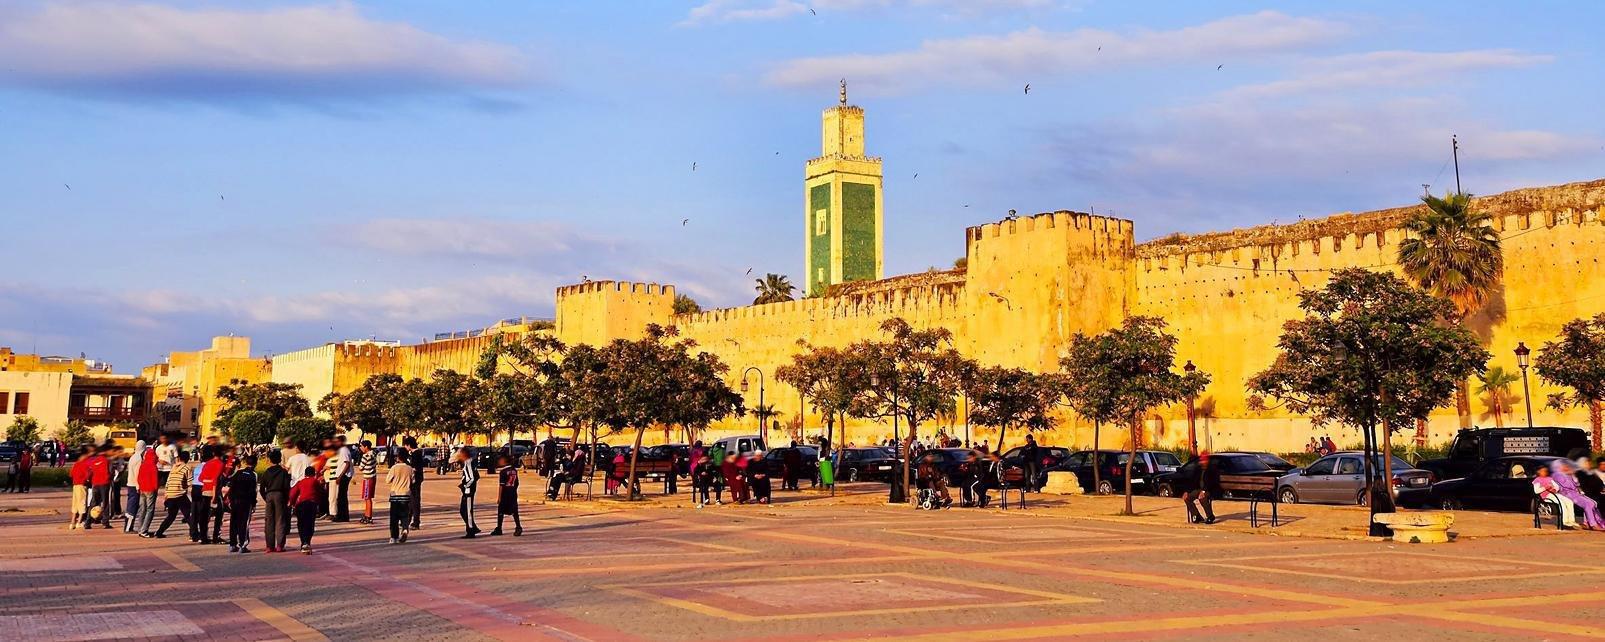 Meknes-lalla aouda